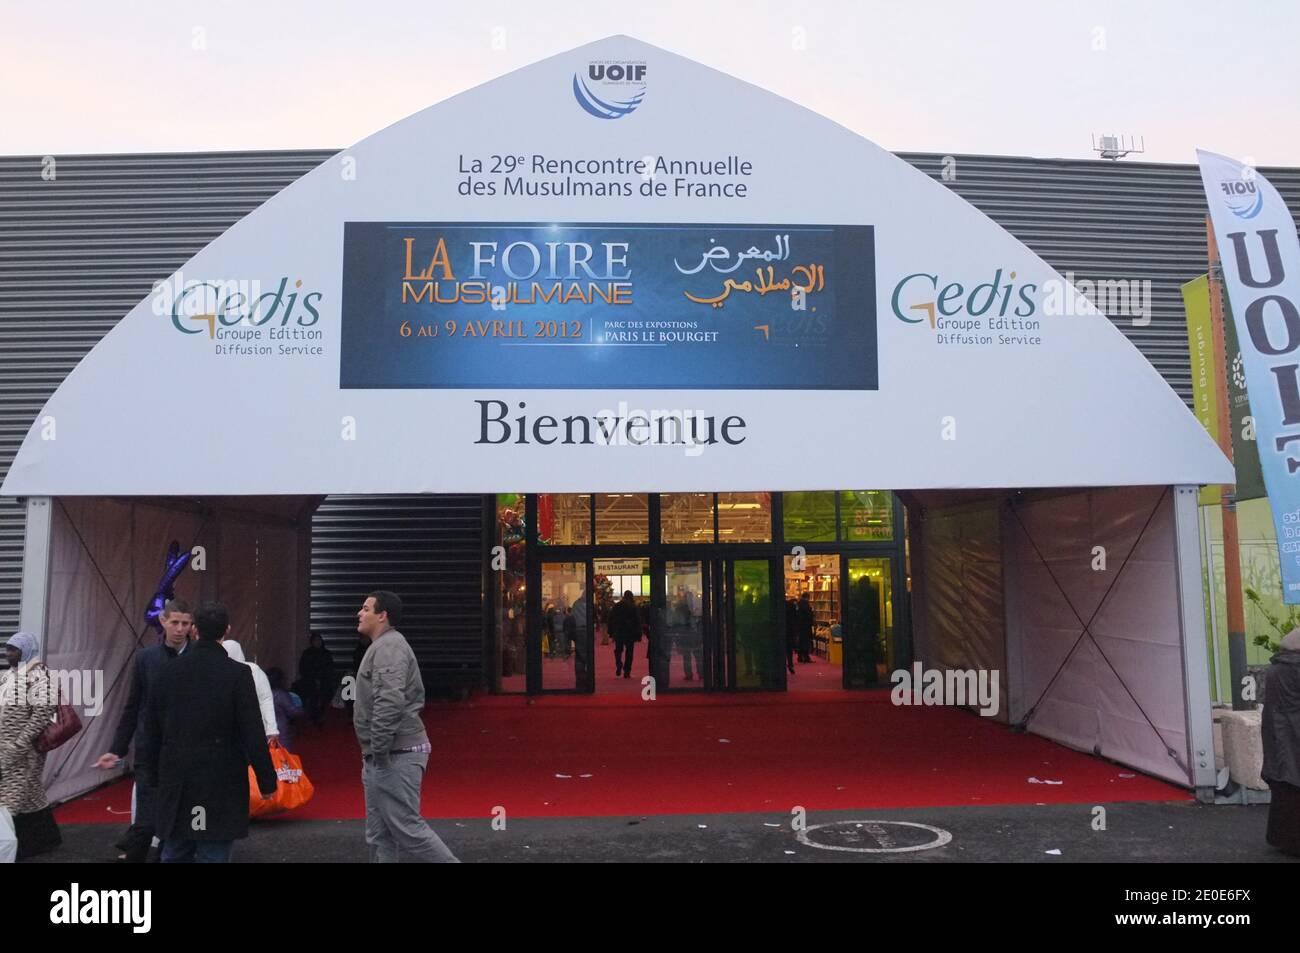 La Rencontre annuelle des musulmans de France s'ouvre aujourd'hui : que va-t-on y trouver ?